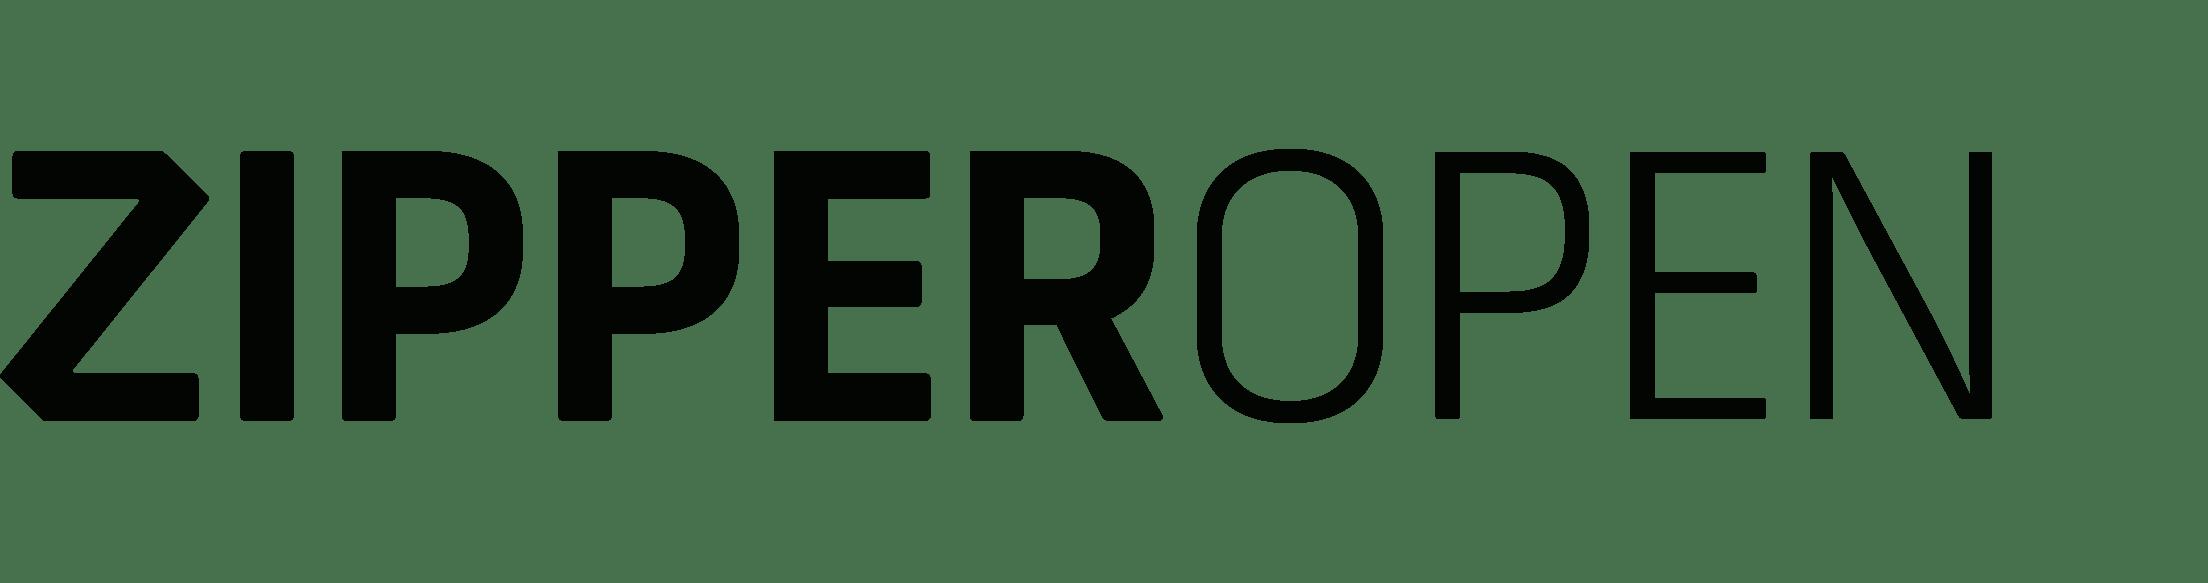 Zipper Open company logo